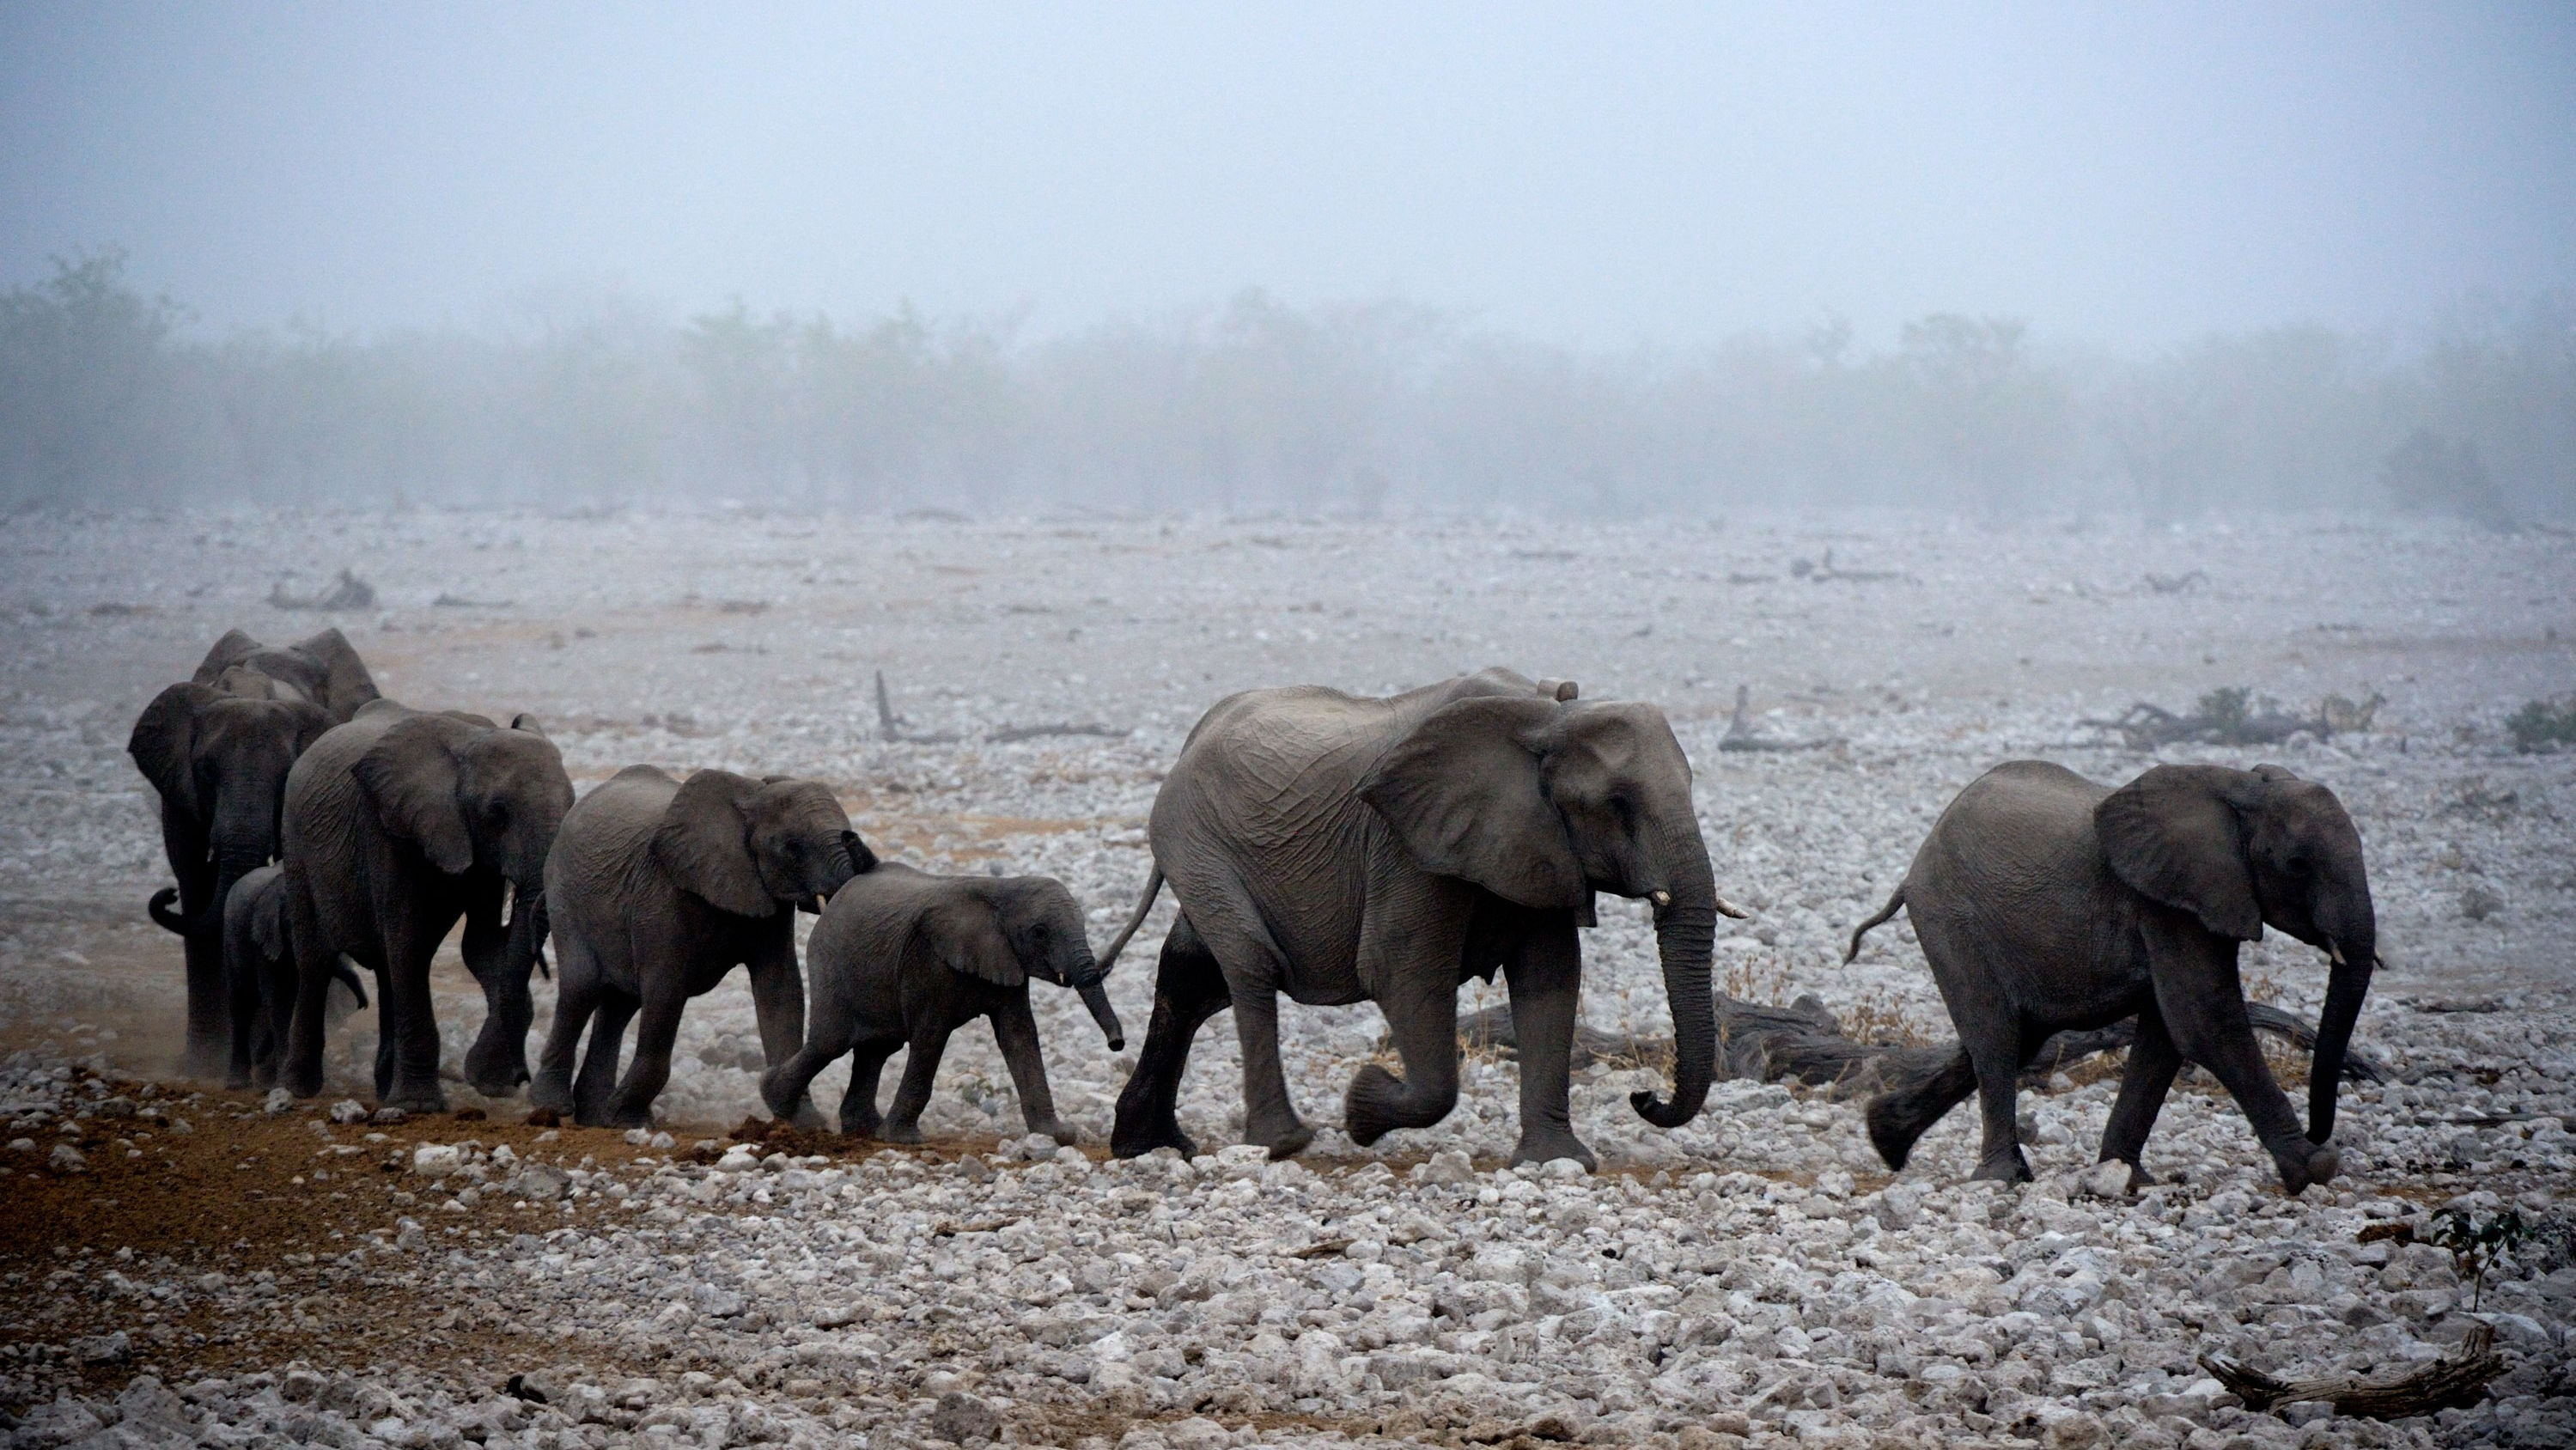 I løpet av 50 år vil mennesker ha utryddet to tredeler av jordens dyr. Det vil skje allerede i 2020 om ikke menneskeheten kollektivt tar seg sammen, advarer World Wide Fund for Nature (WWF).